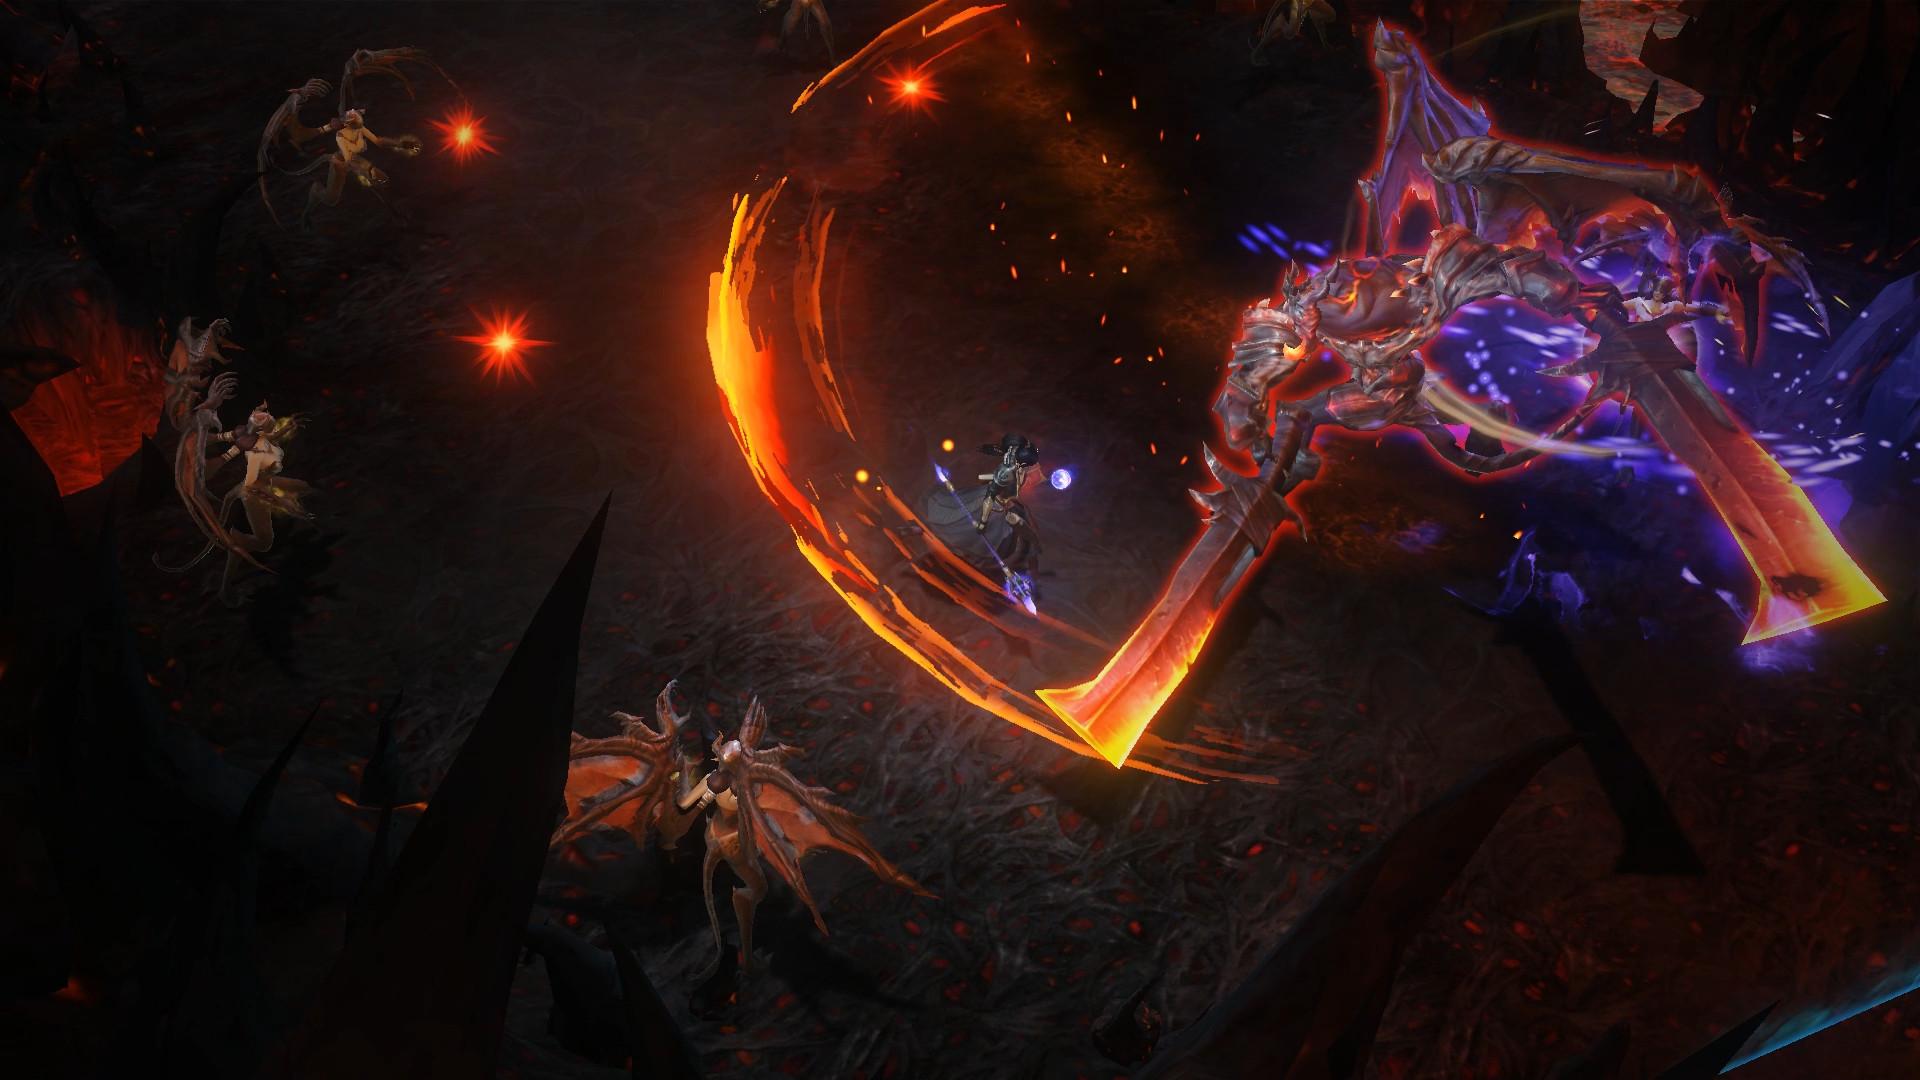 Геймплейный трейлер Diablo Immortal — суперспособности, легендарки и новые локации